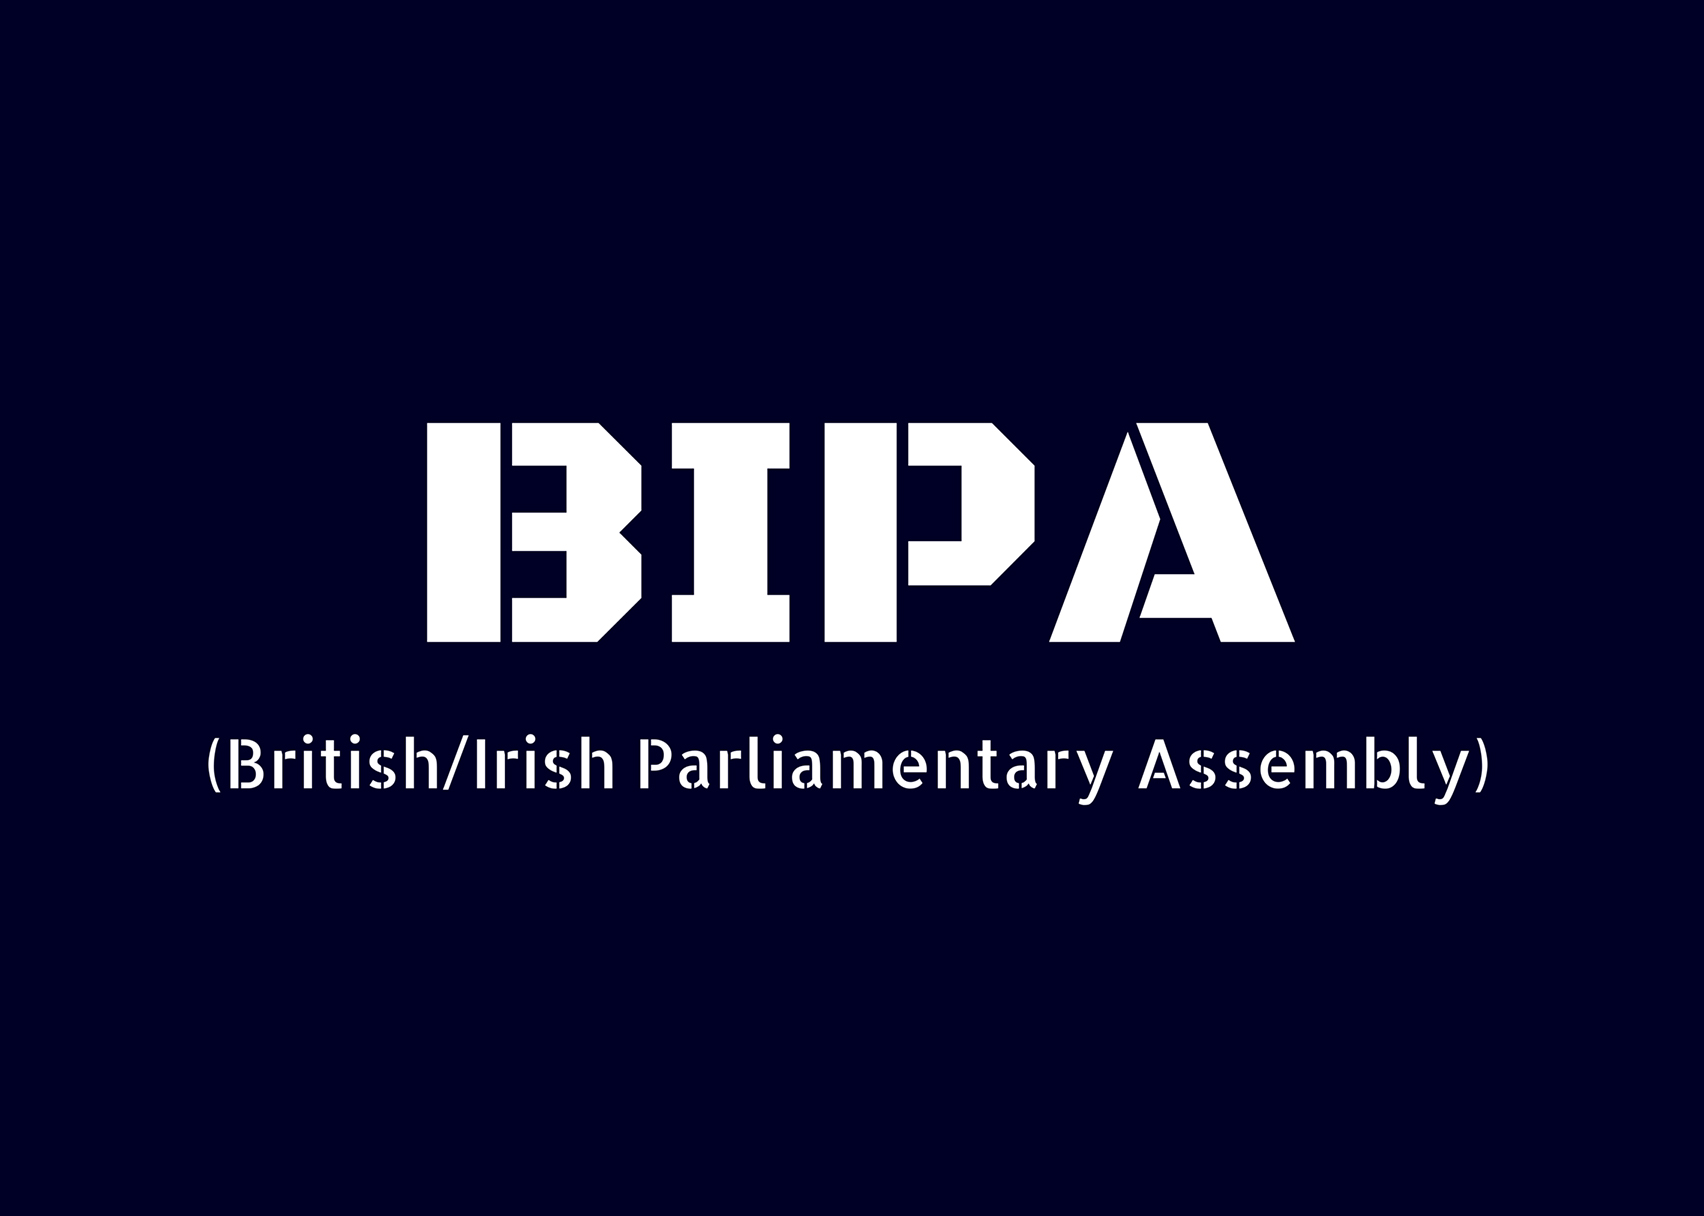 BIPA – British / Irish Parliamentary Assembly